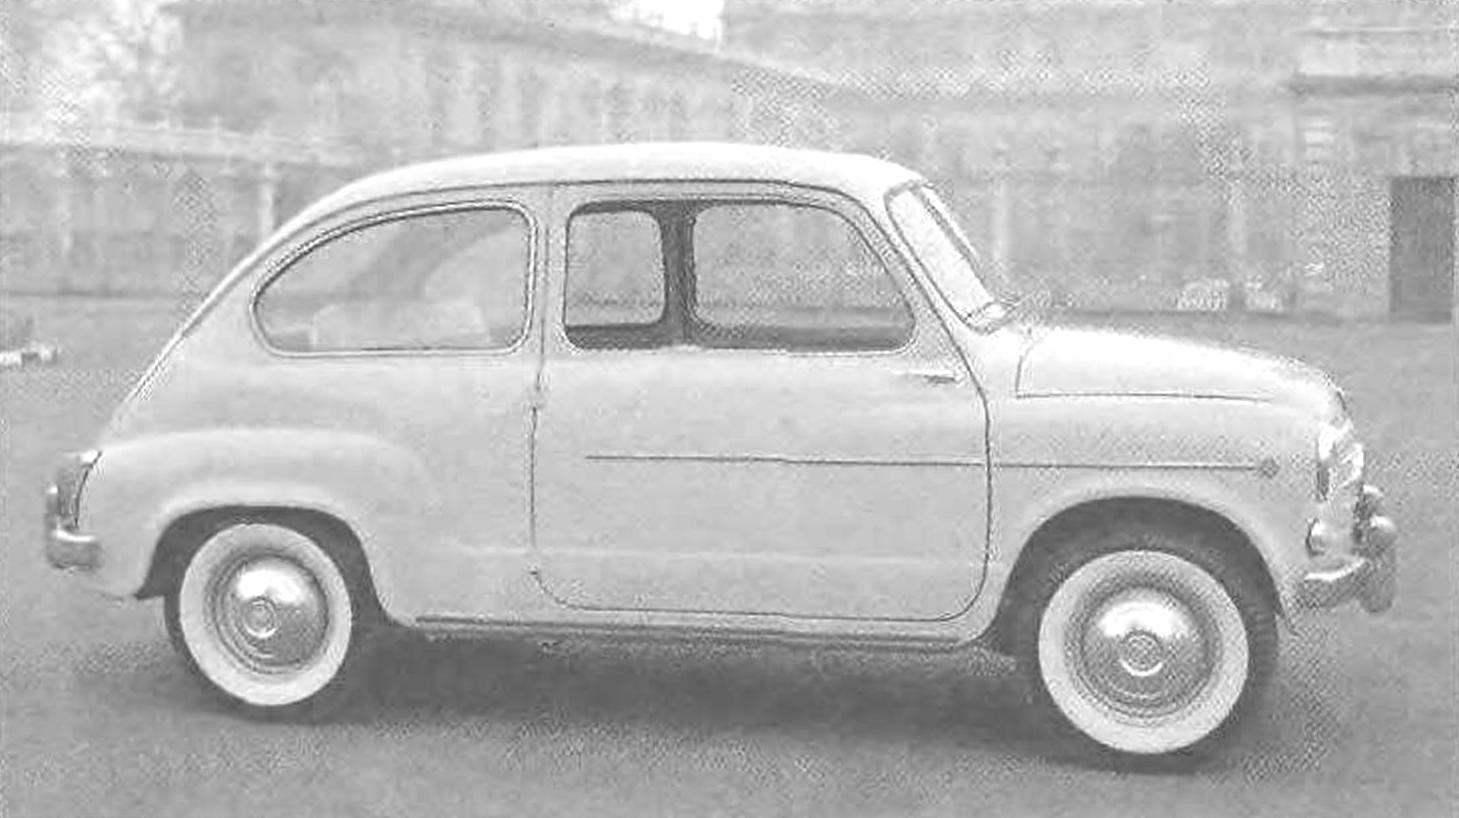 Прототипом первого отечественного автомобиля особо малого класса «Запорожец» ЗАЗ-965 был утверждён итальянский FIAT-600 выпуска 1955 года